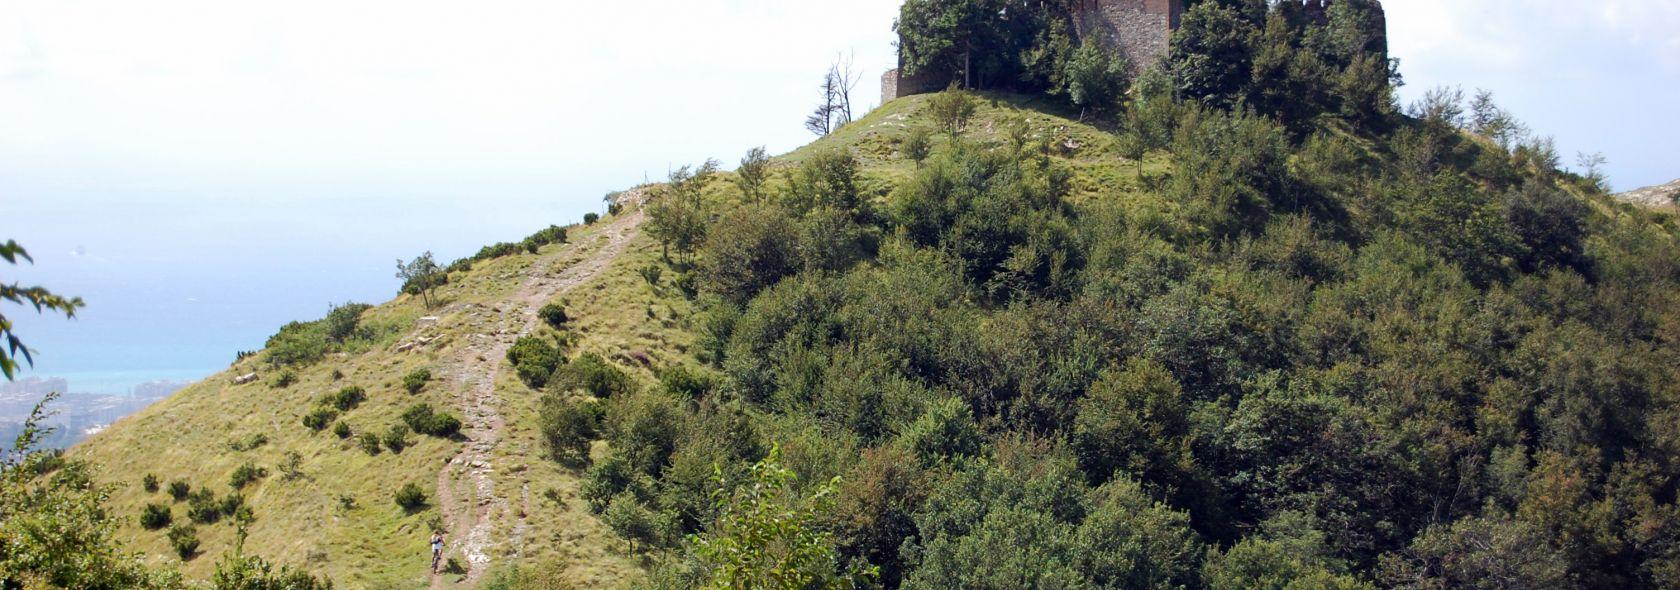 Forte Puin - foto: ©Archivio Ufficio Parco Urbano delle Mura